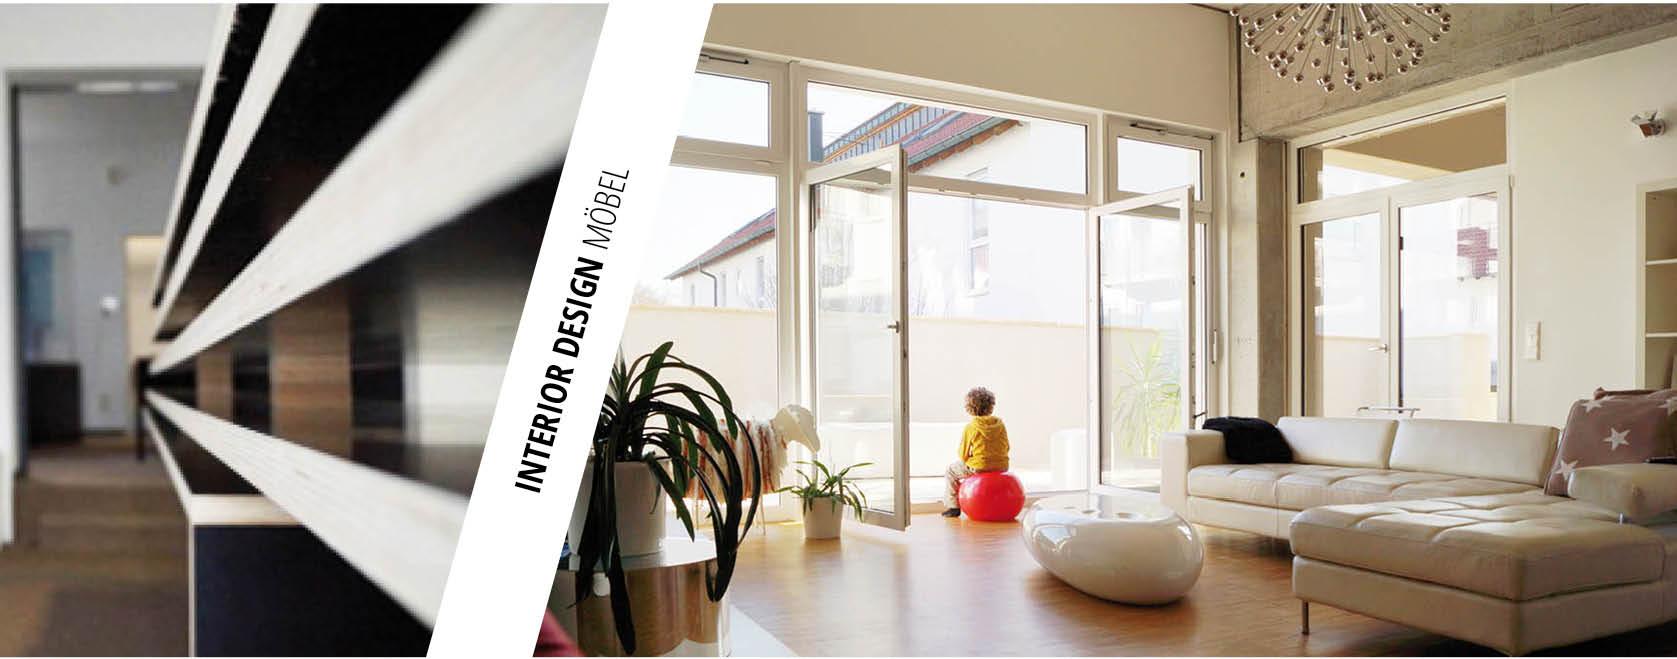 Interior Desgin: Möbel